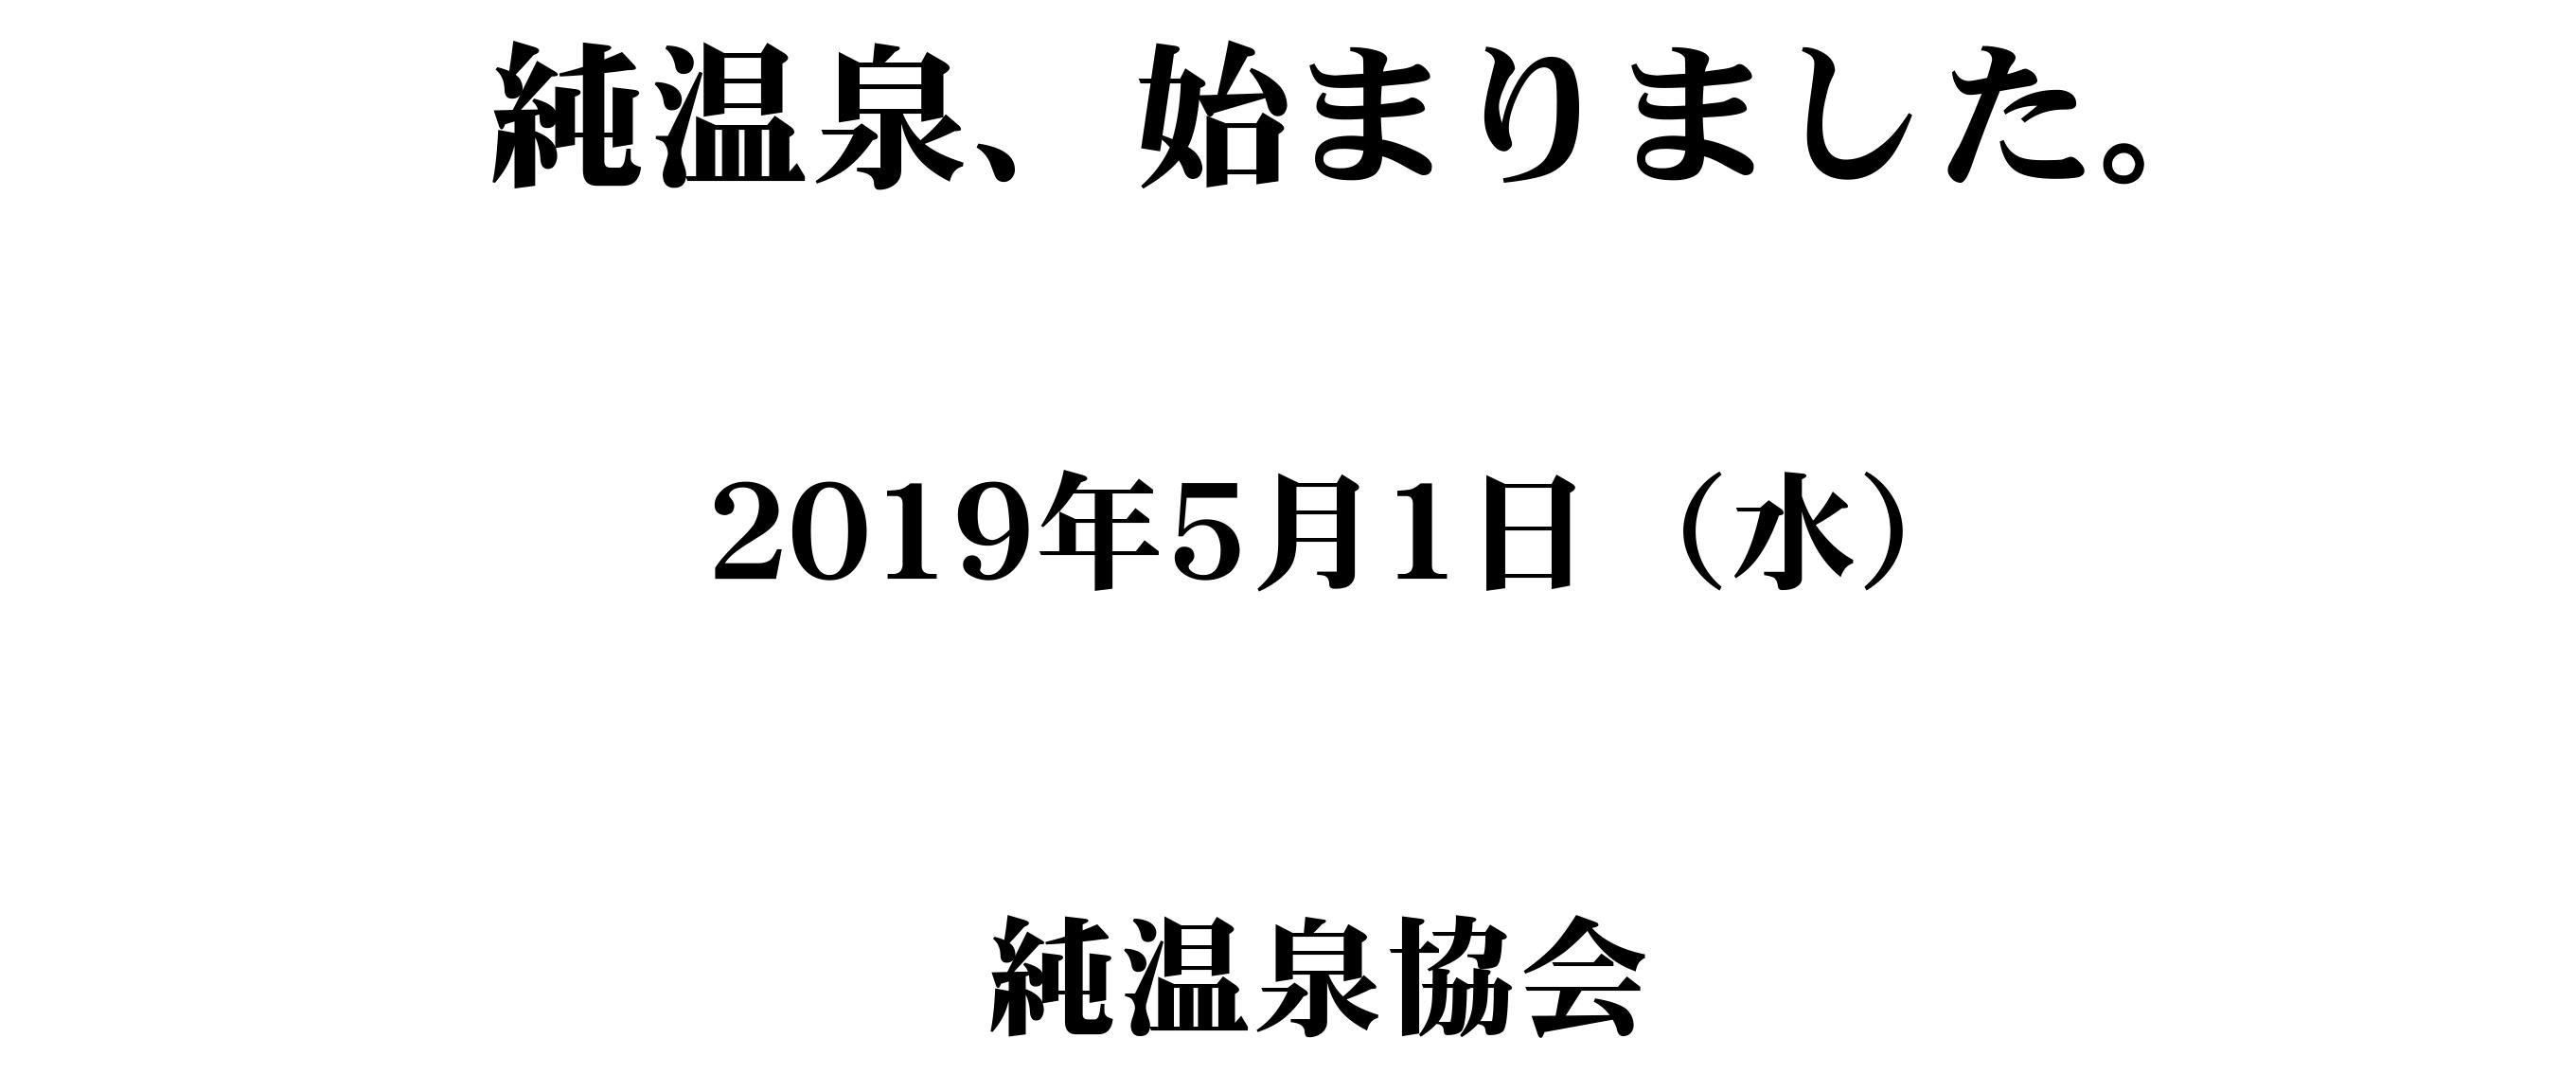 純温泉協会